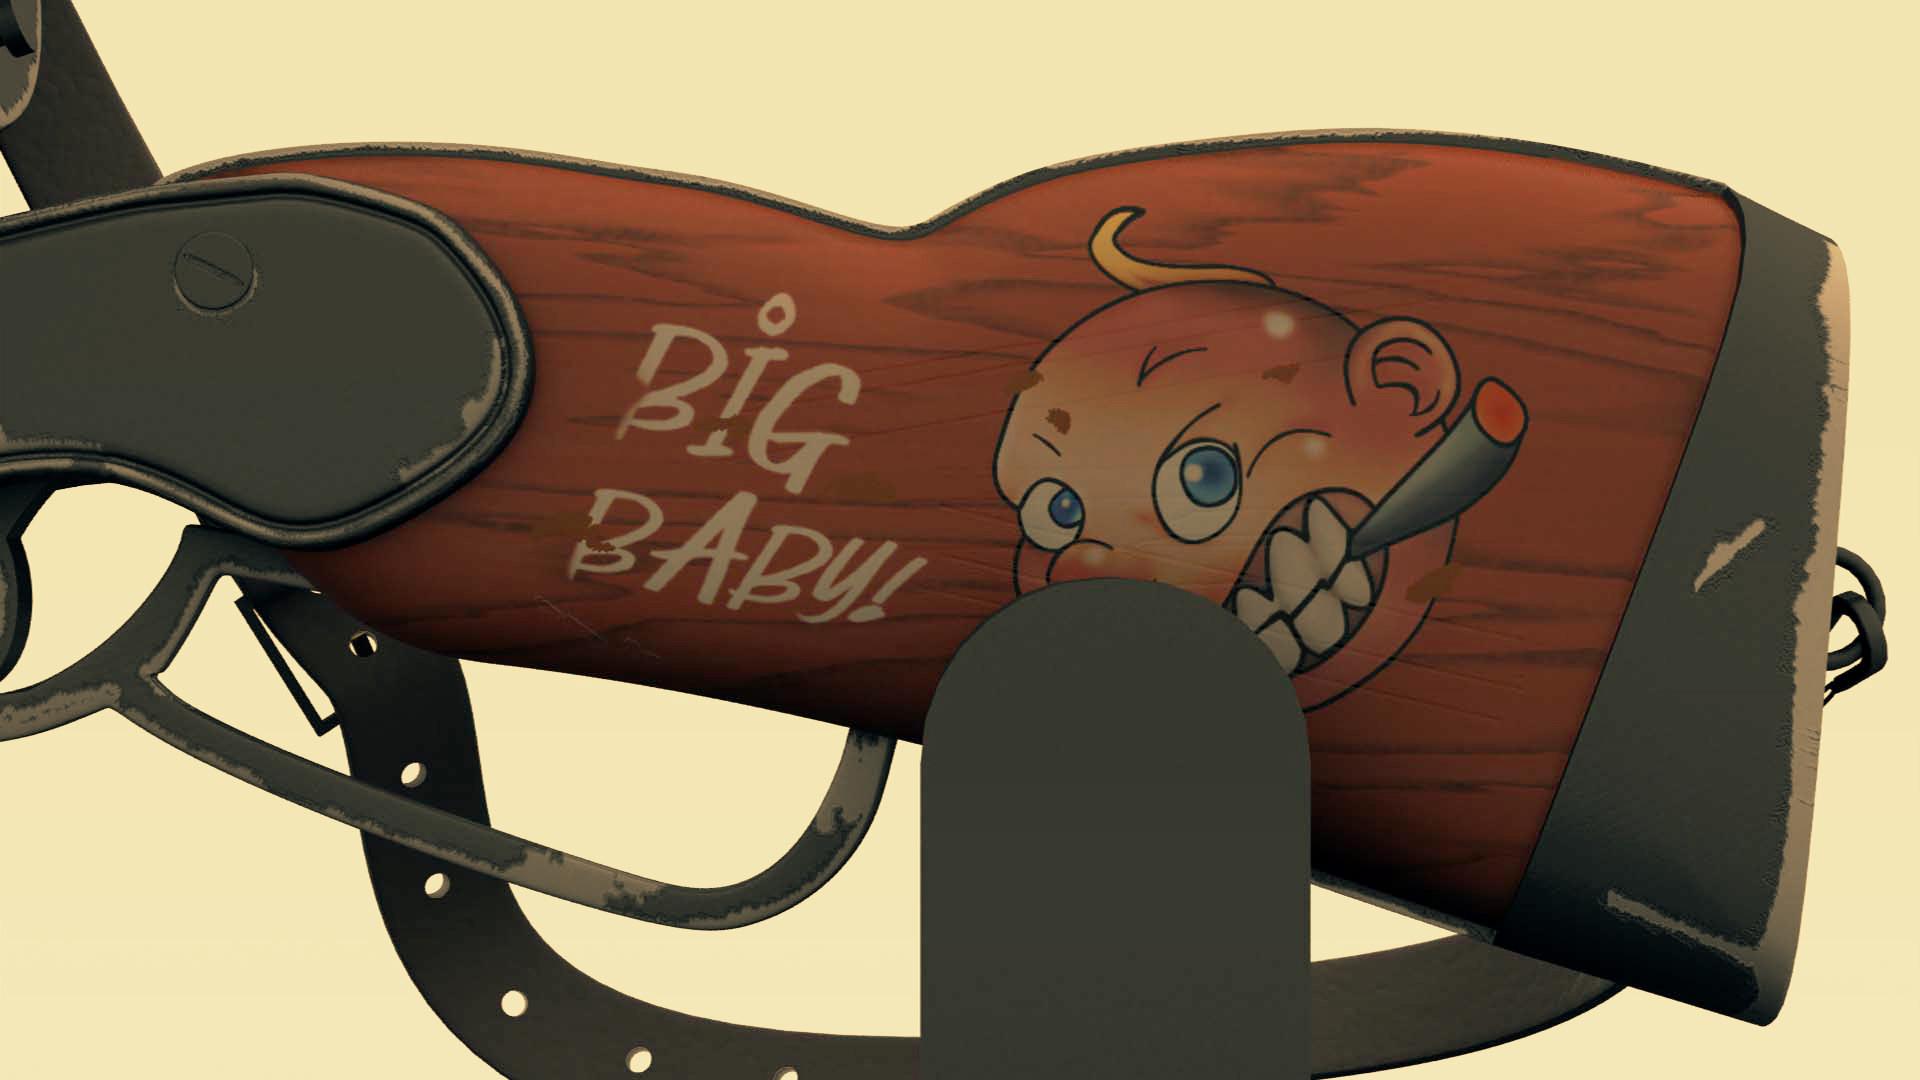 Jose manuel fernandez big baby hellboy 02